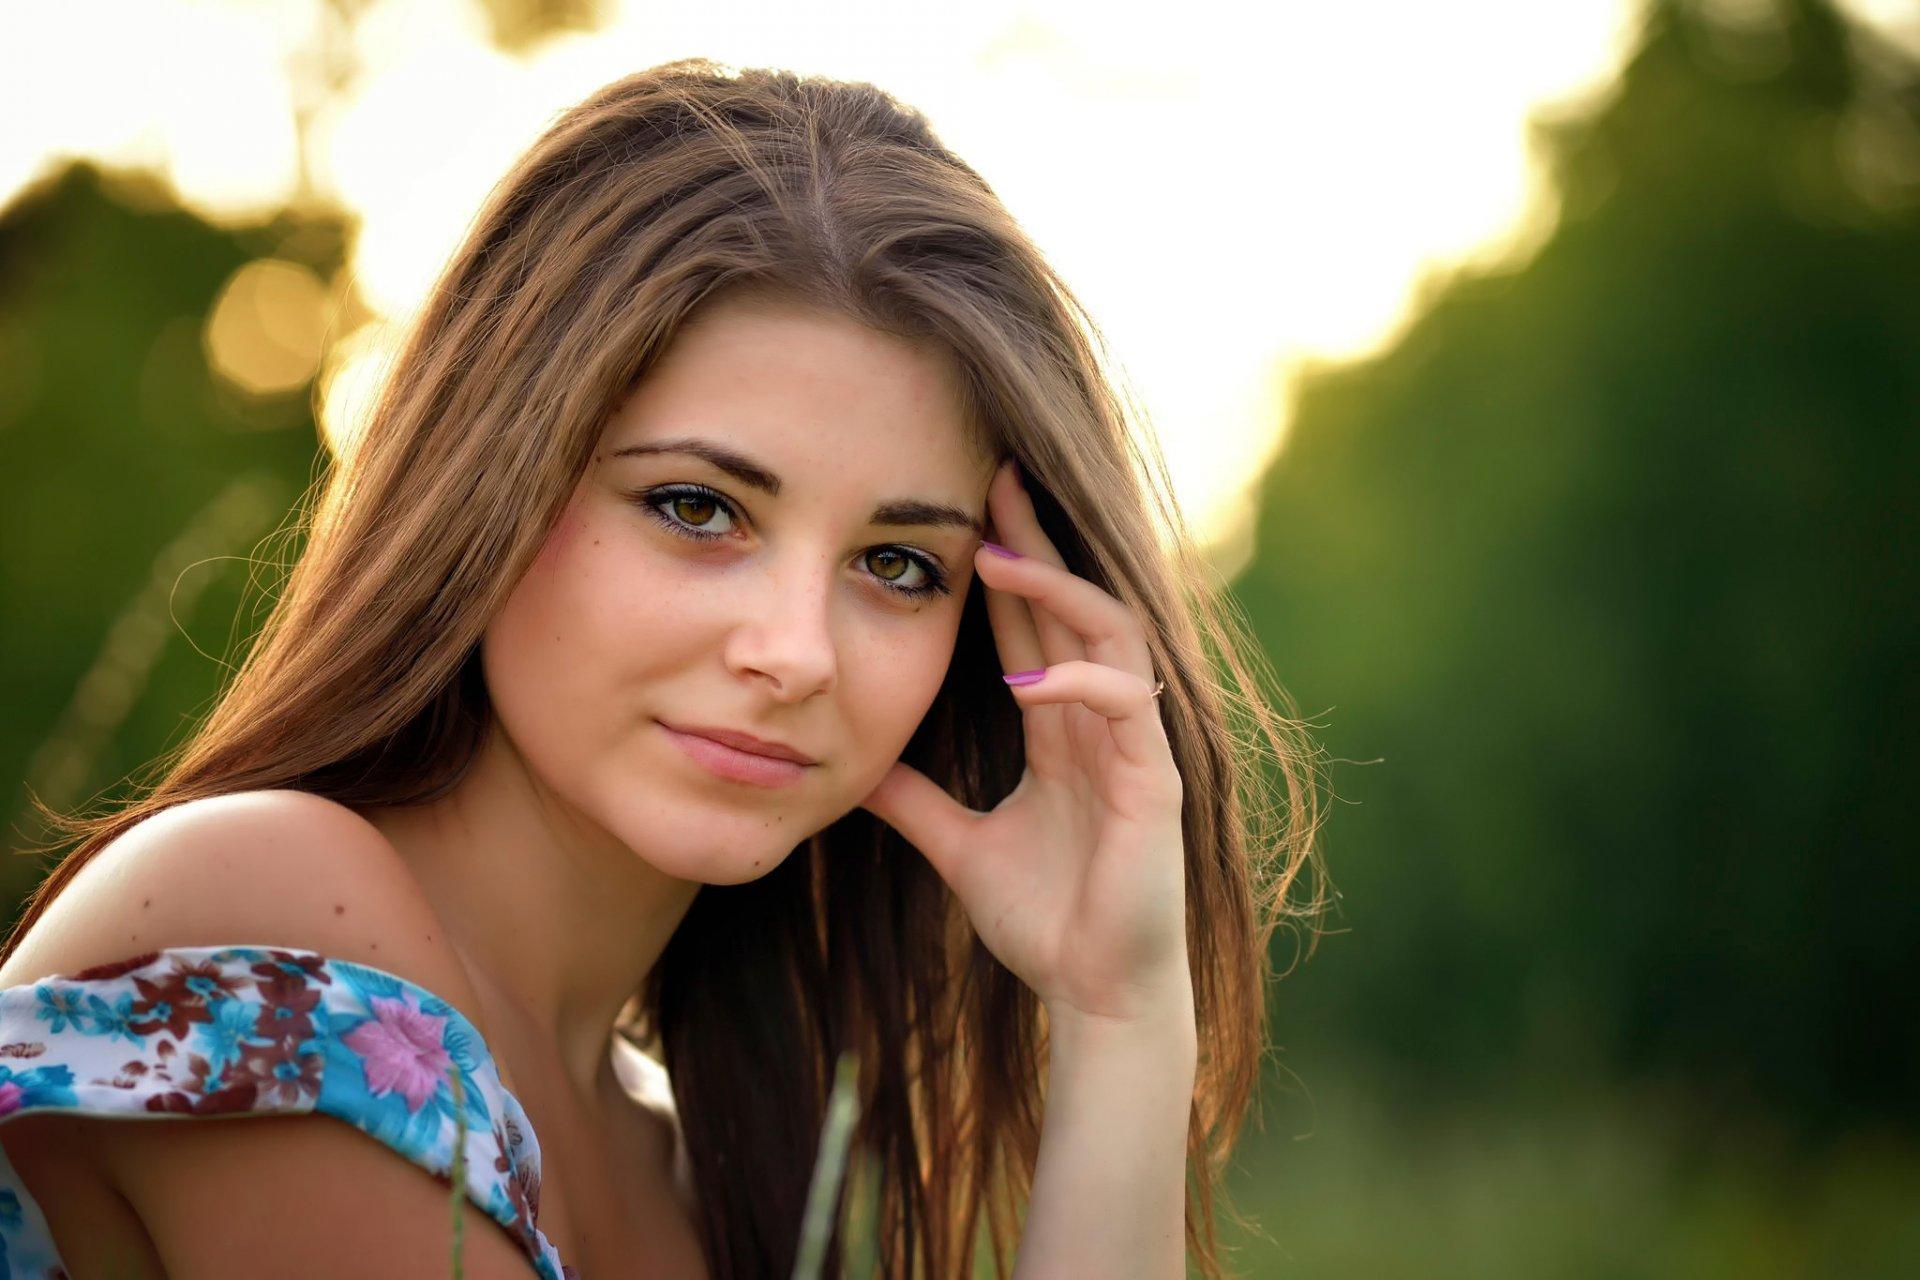 Фотосессии русских девушек смотреть фото